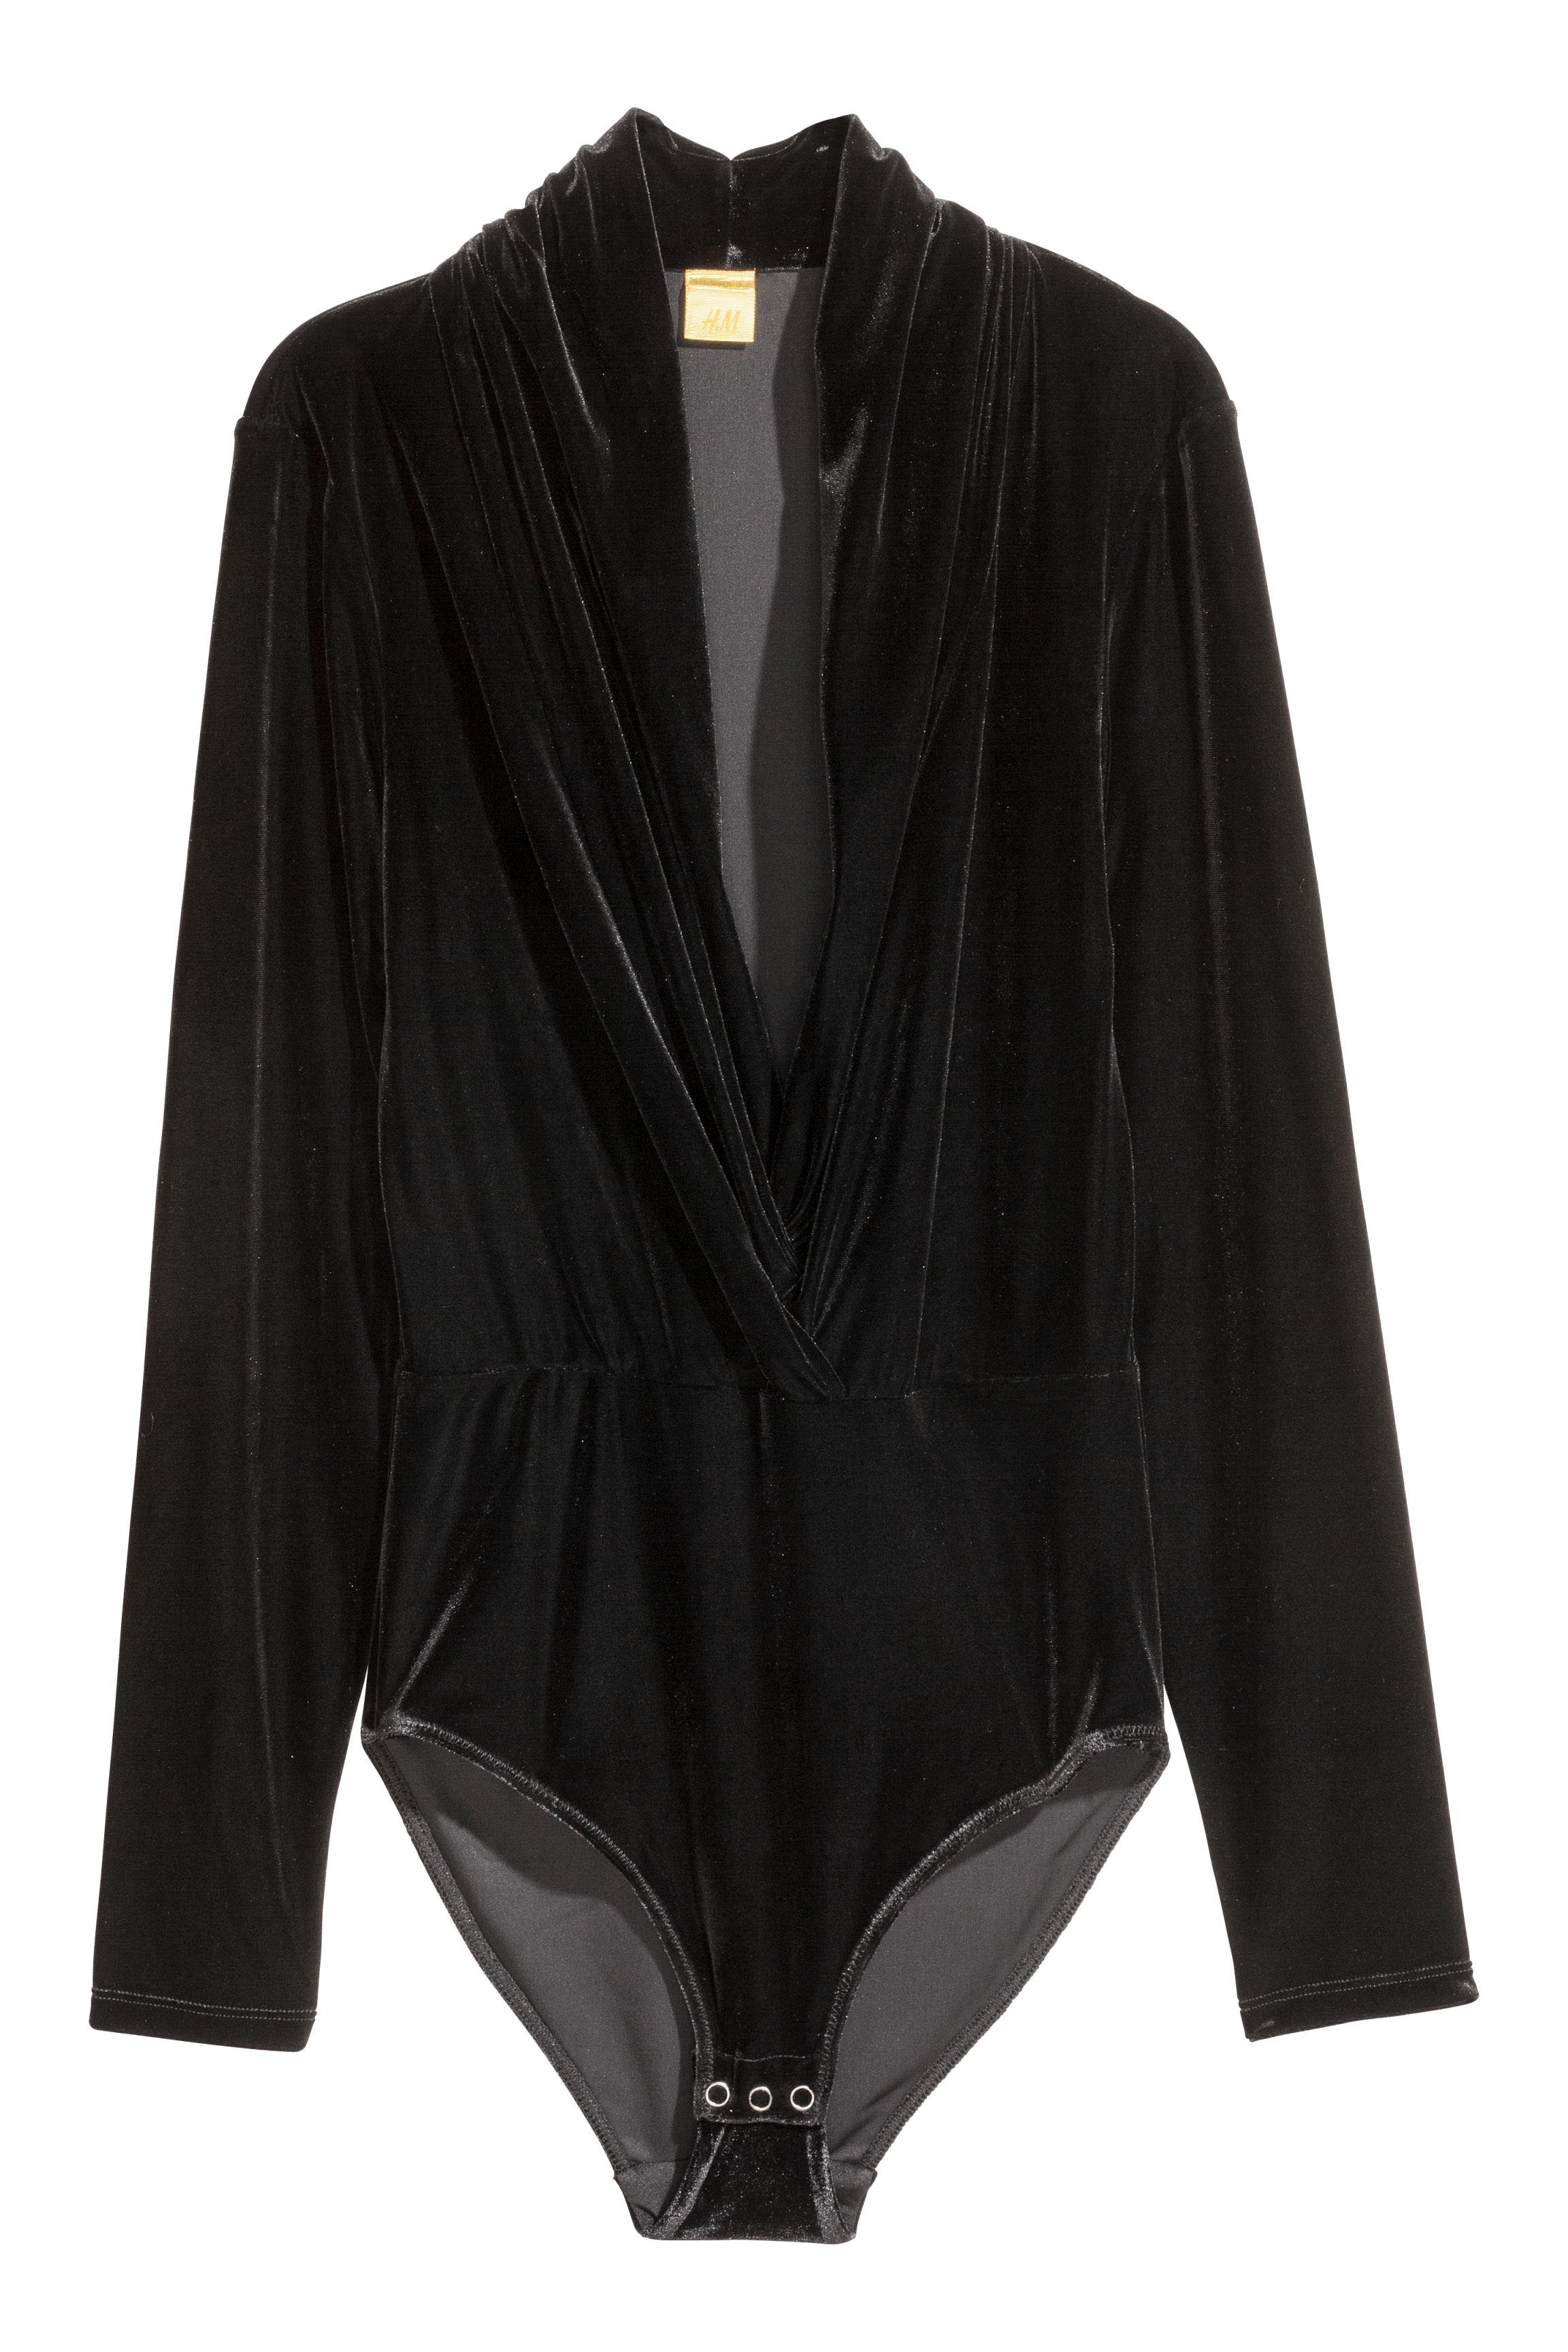 bdb22feb20d8 Velour Bodysuit - Black - Ladies | H&M CA